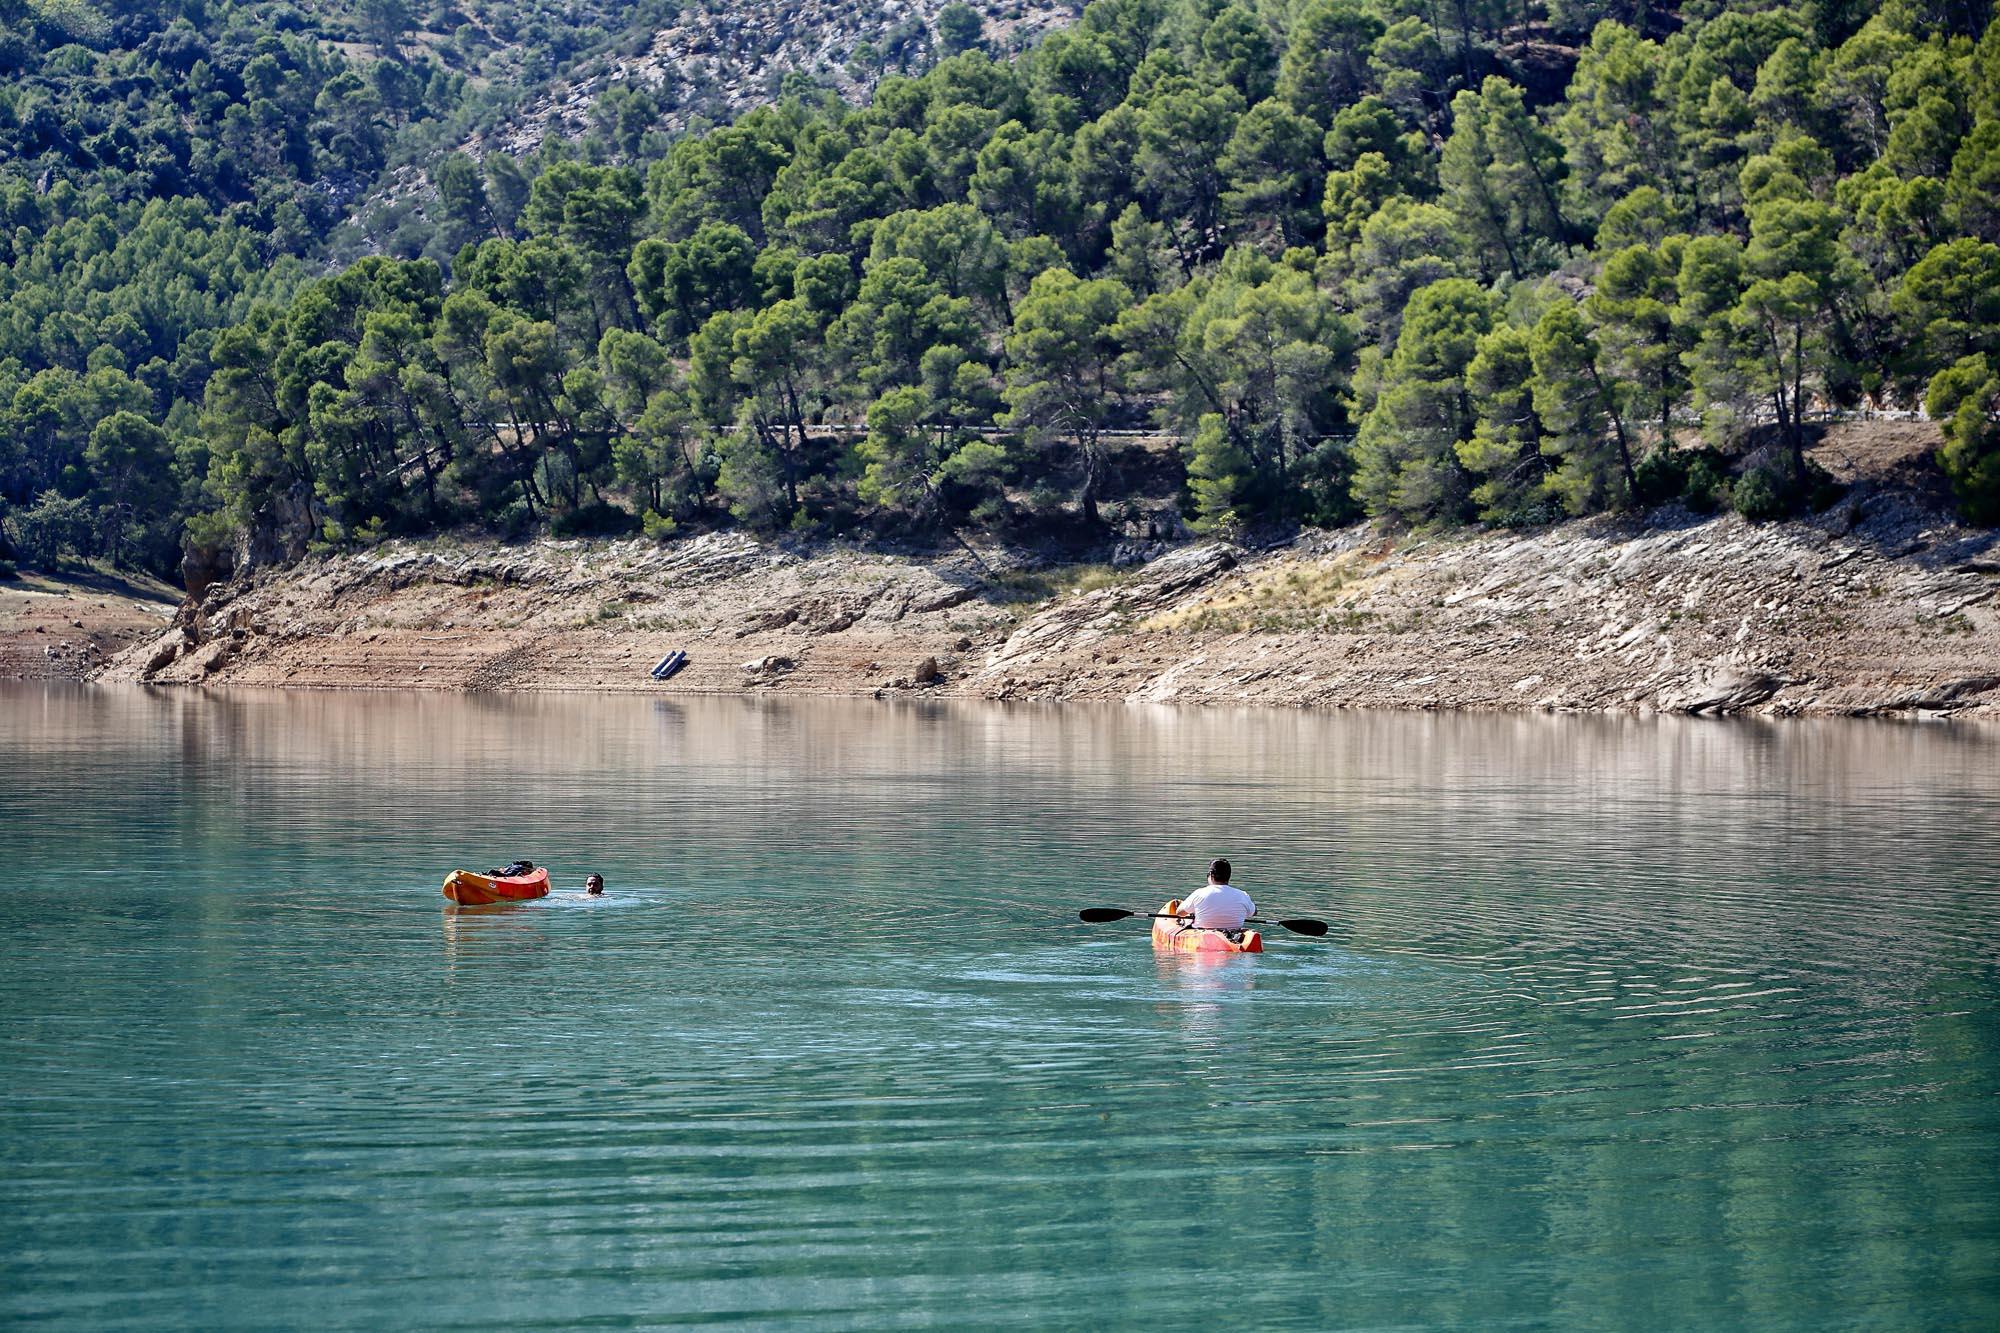 Aunque el baño no está permitido dentro del pantano, sí es posible alquilar kayaks y piraguas.